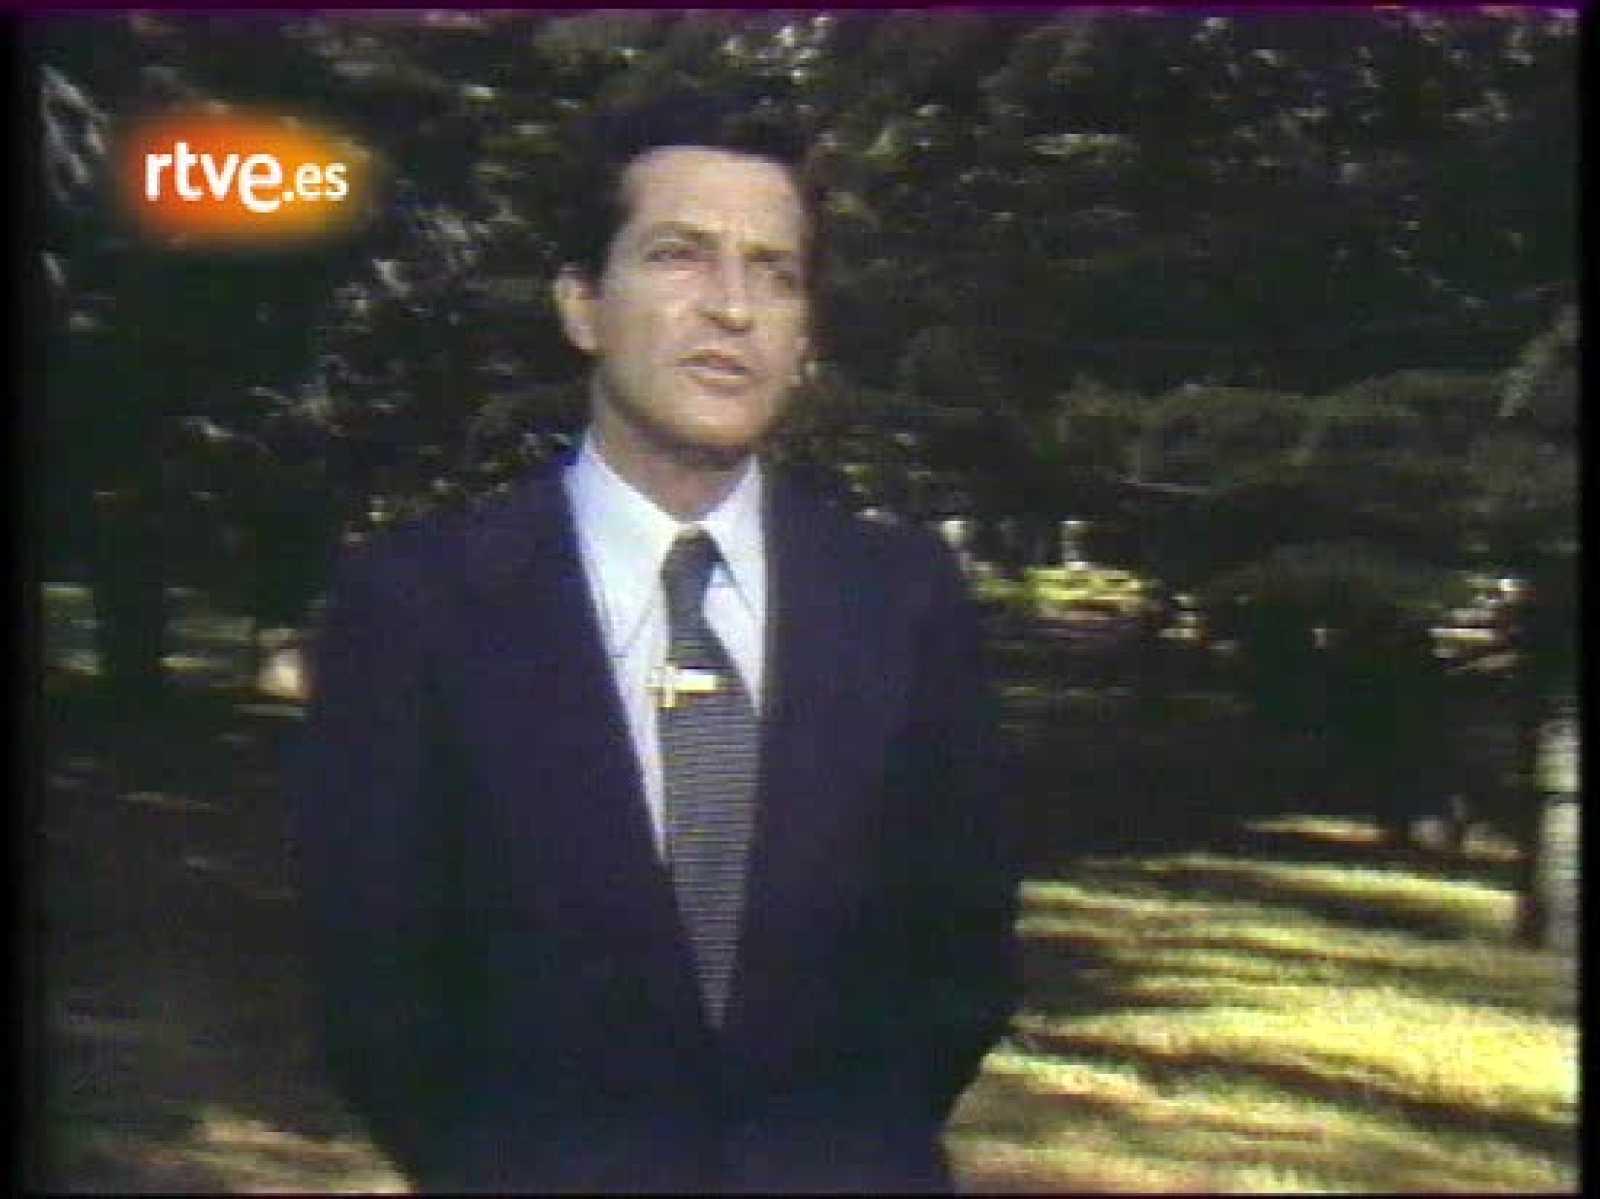 Mensaje de Adolfo Suárez tras su victoria en las elecciones de 1977